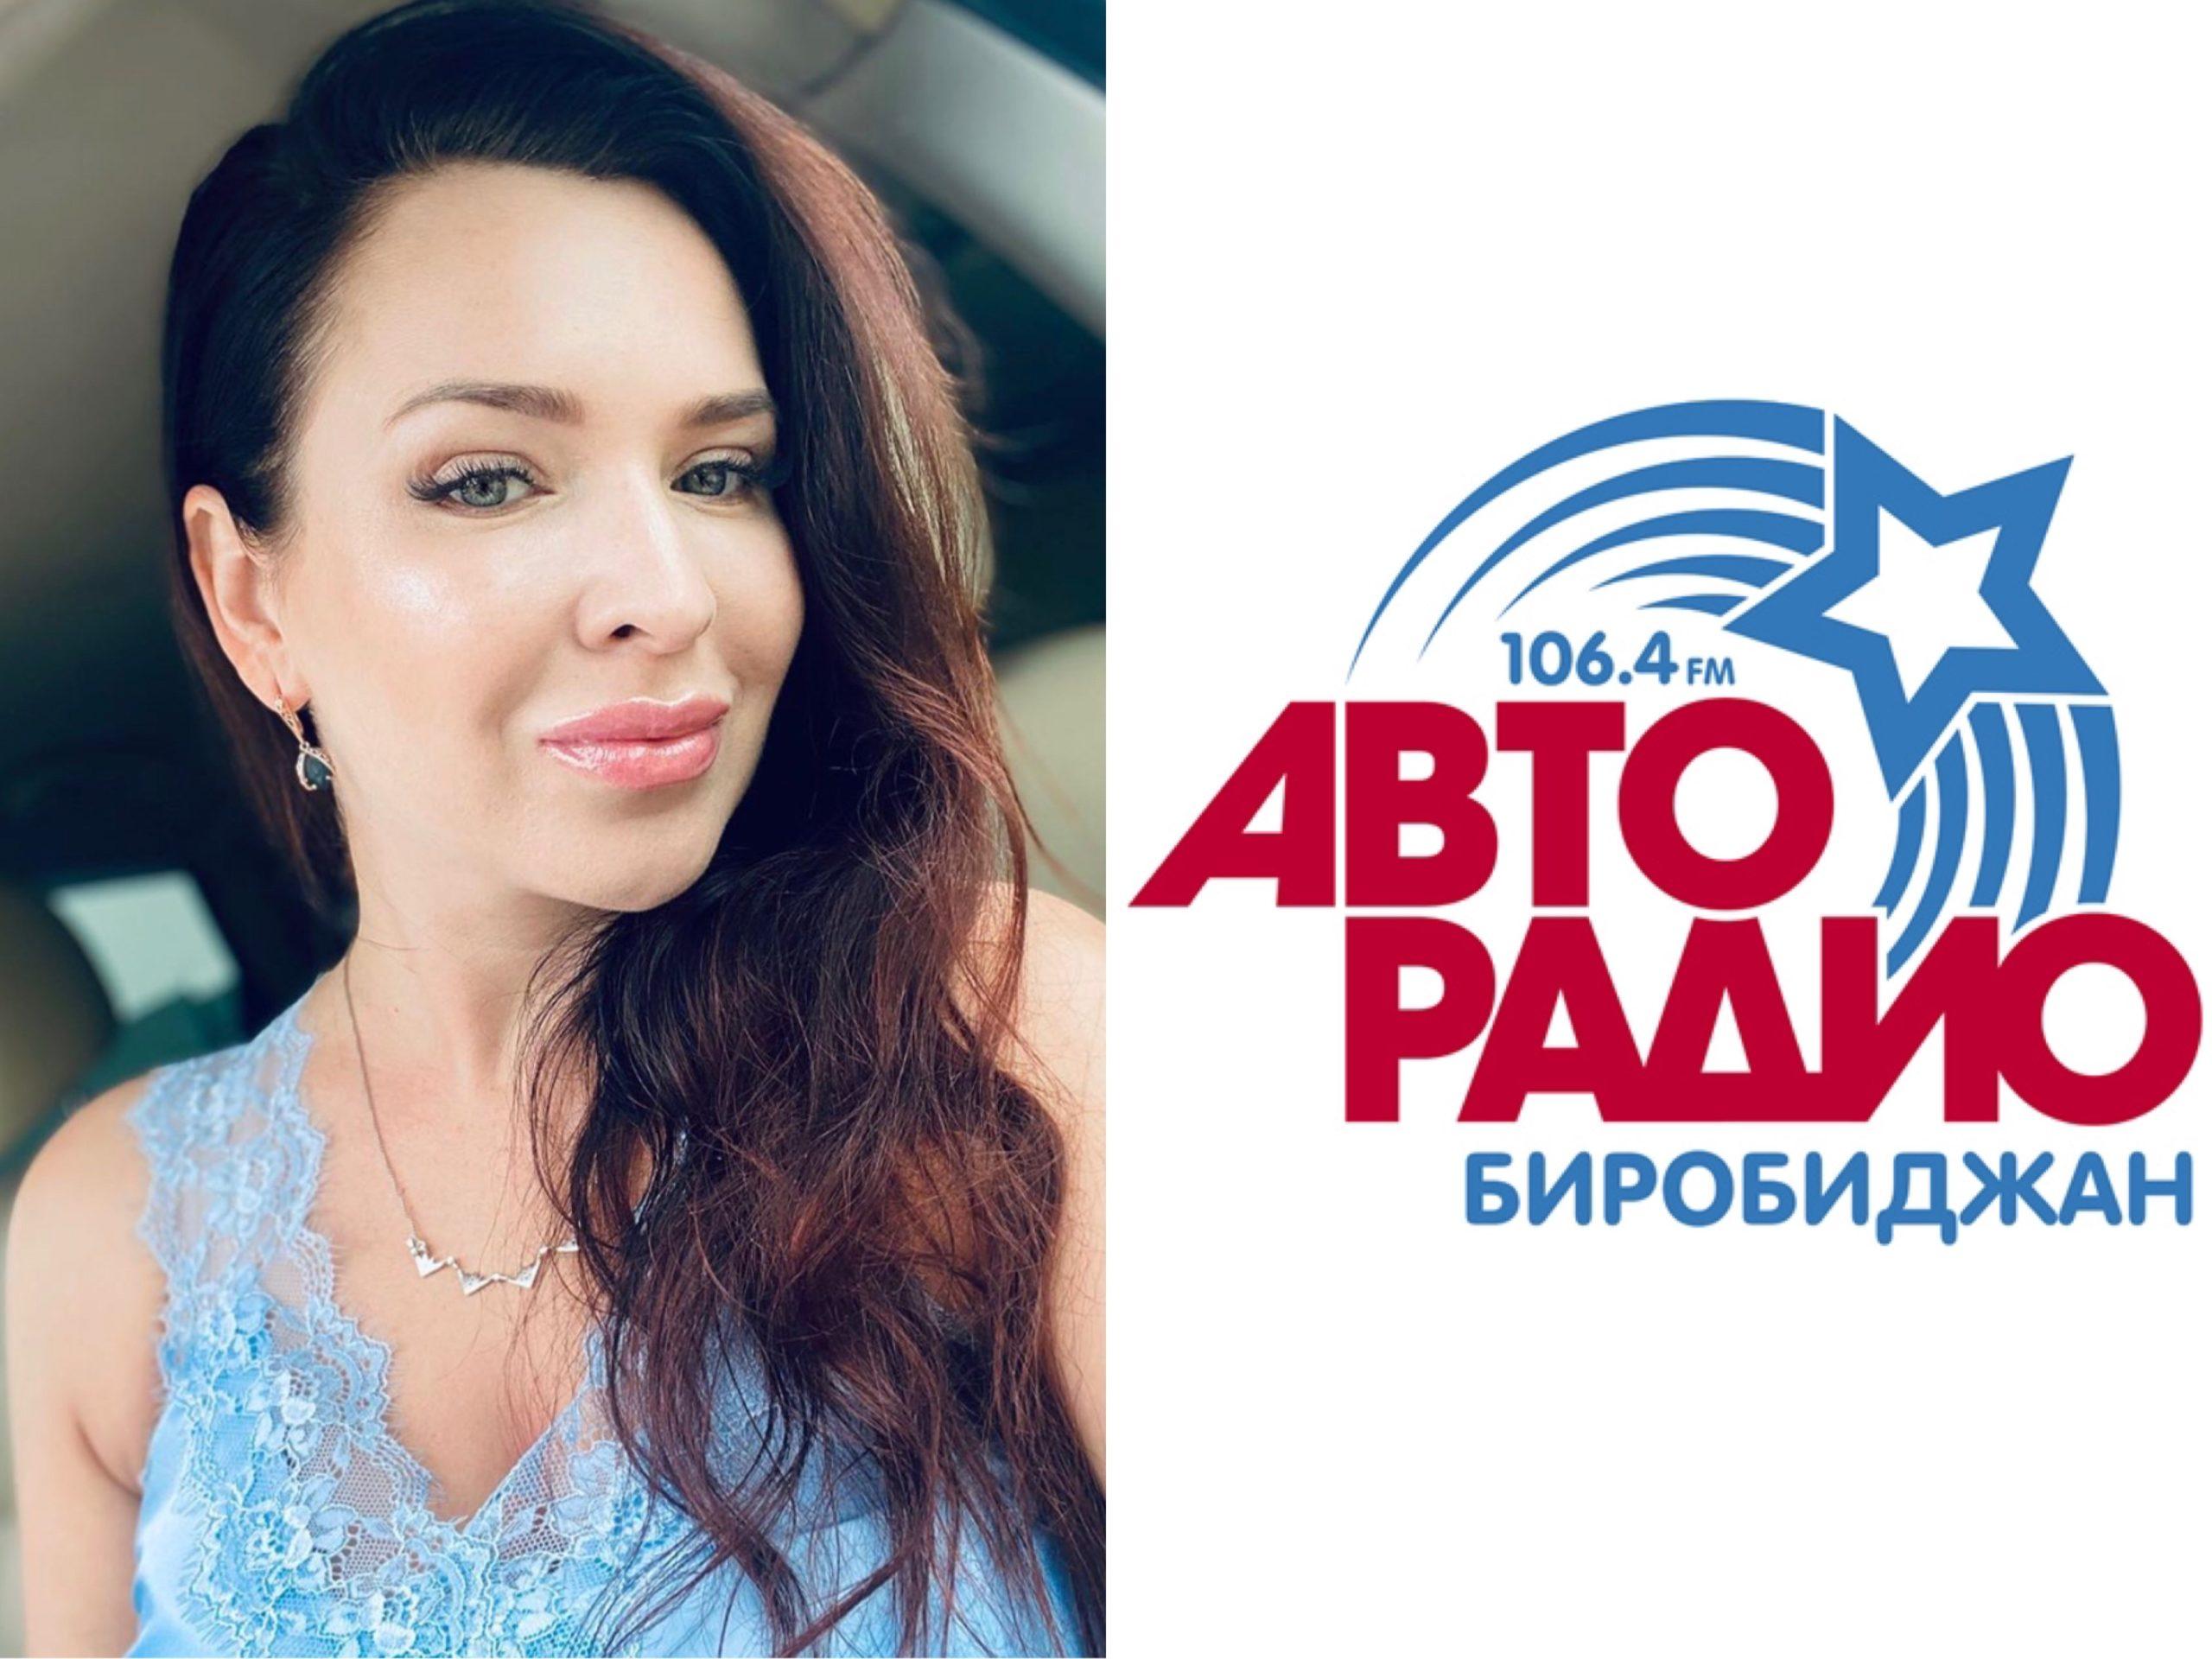 Где купить профессиональную косметику в томске косметика becca купить в новосибирске